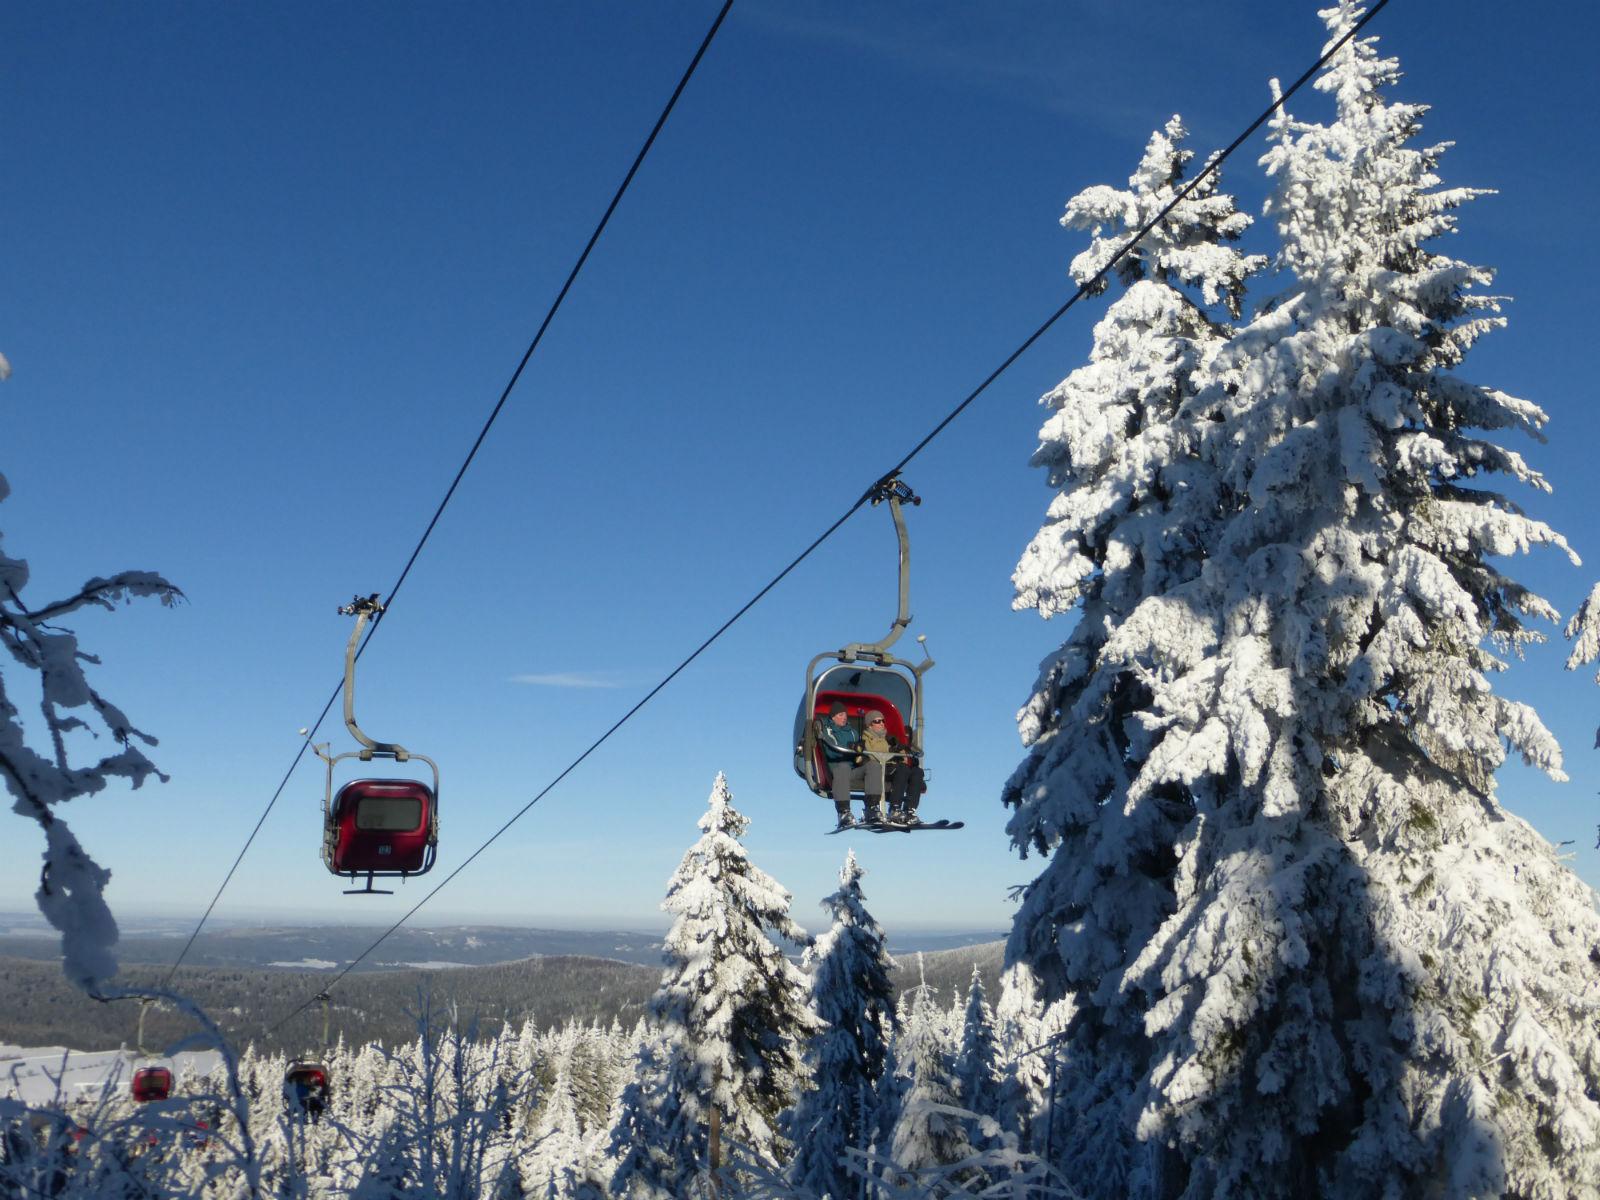 Fichtelgebirge-Winter-Skifahren-Seilbahn